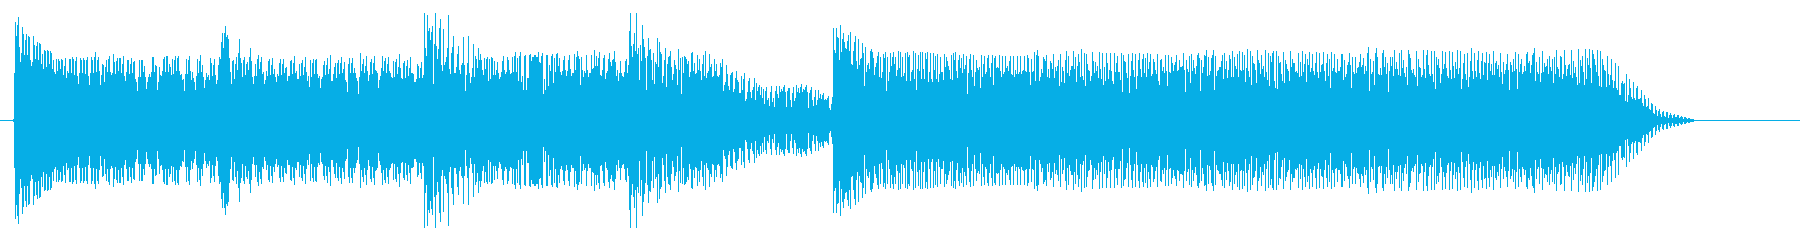 8bitジングル#12癒し系の再生済みの波形